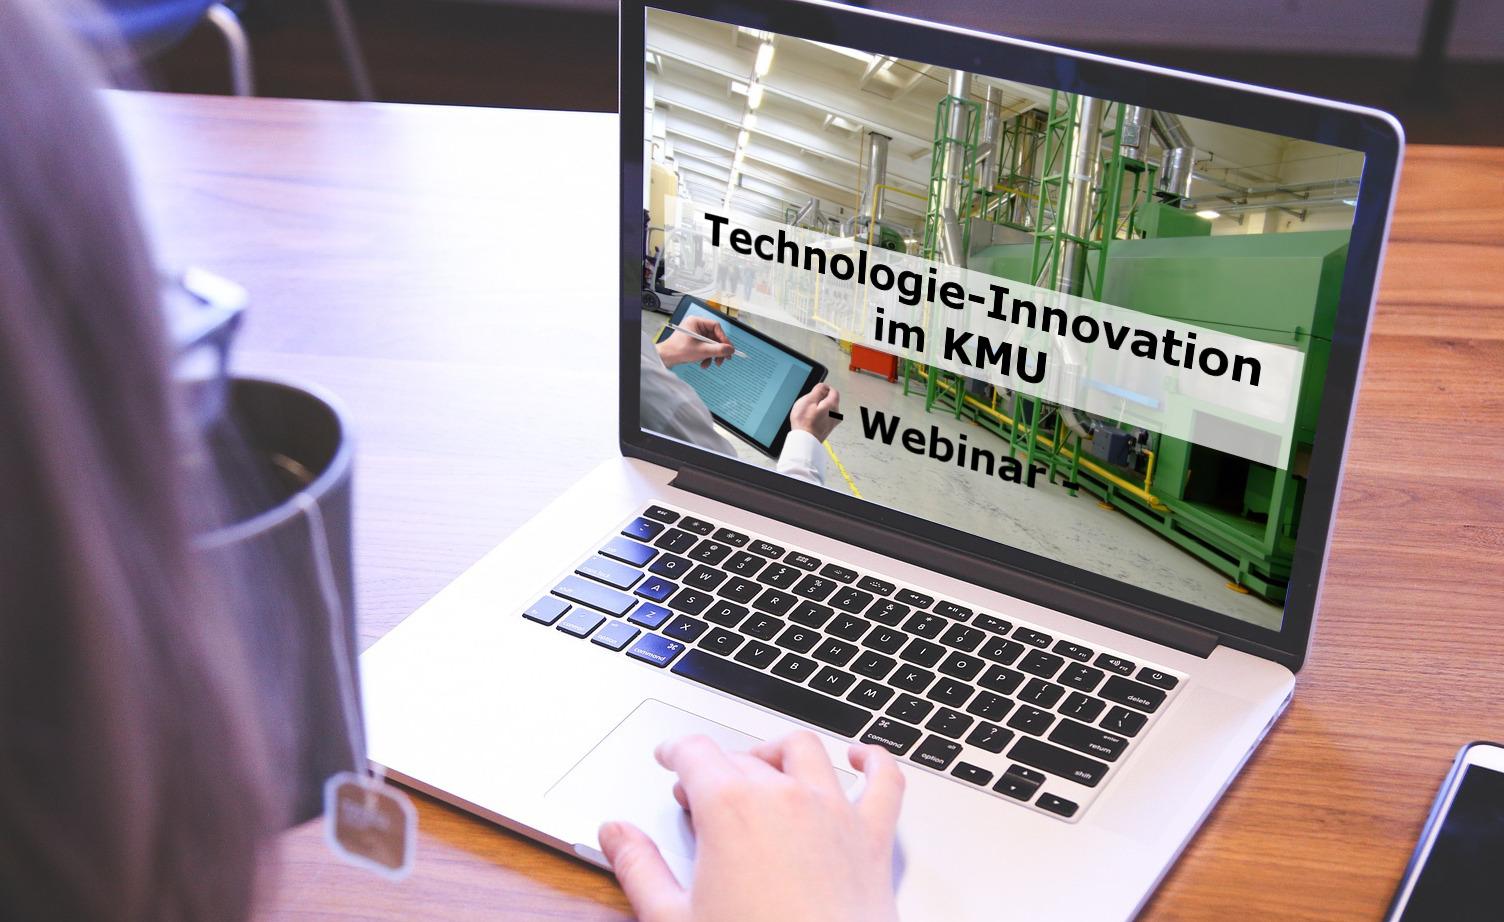 Notebook mit Vorschau auf Webinar Technologie-Innovation im KMU - TOM SPIKE